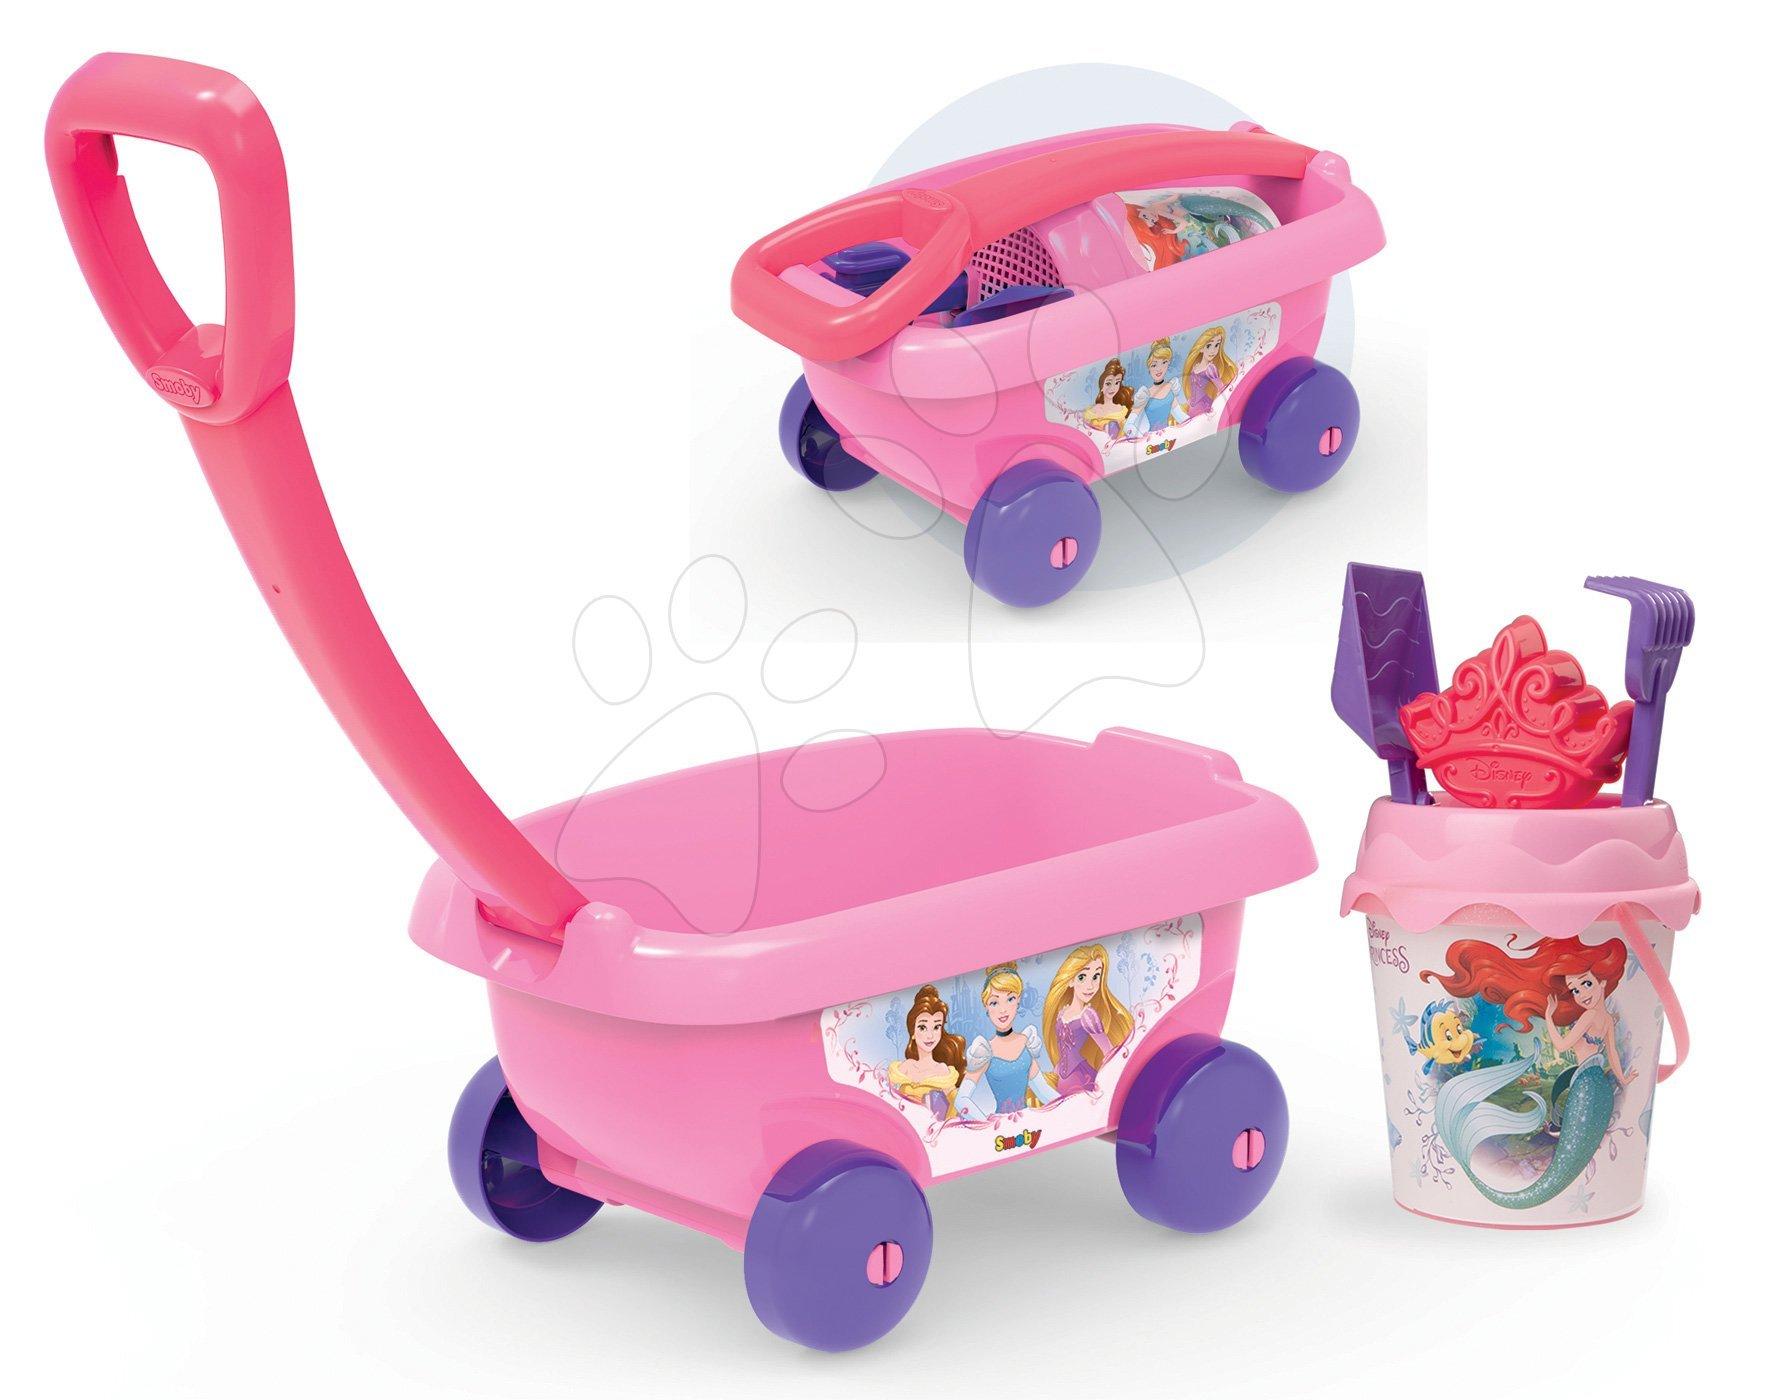 Vozík na ťahanie Disney Princezné Smoby s vedro setom do piesku (výška vedierka 18 cm) ružový od 18 mes